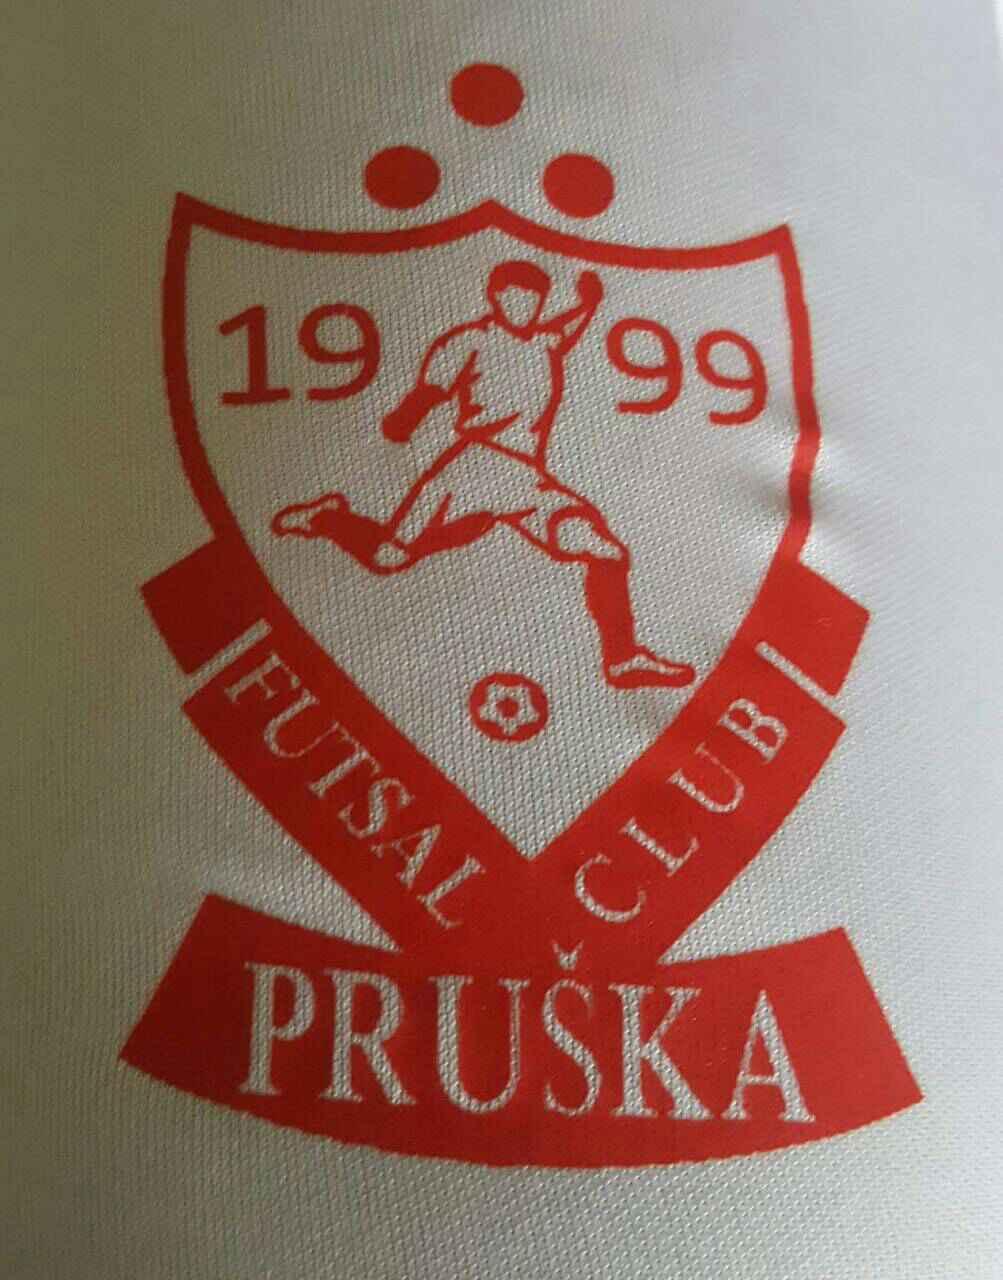 Pruska- Restoran centar B.Polje